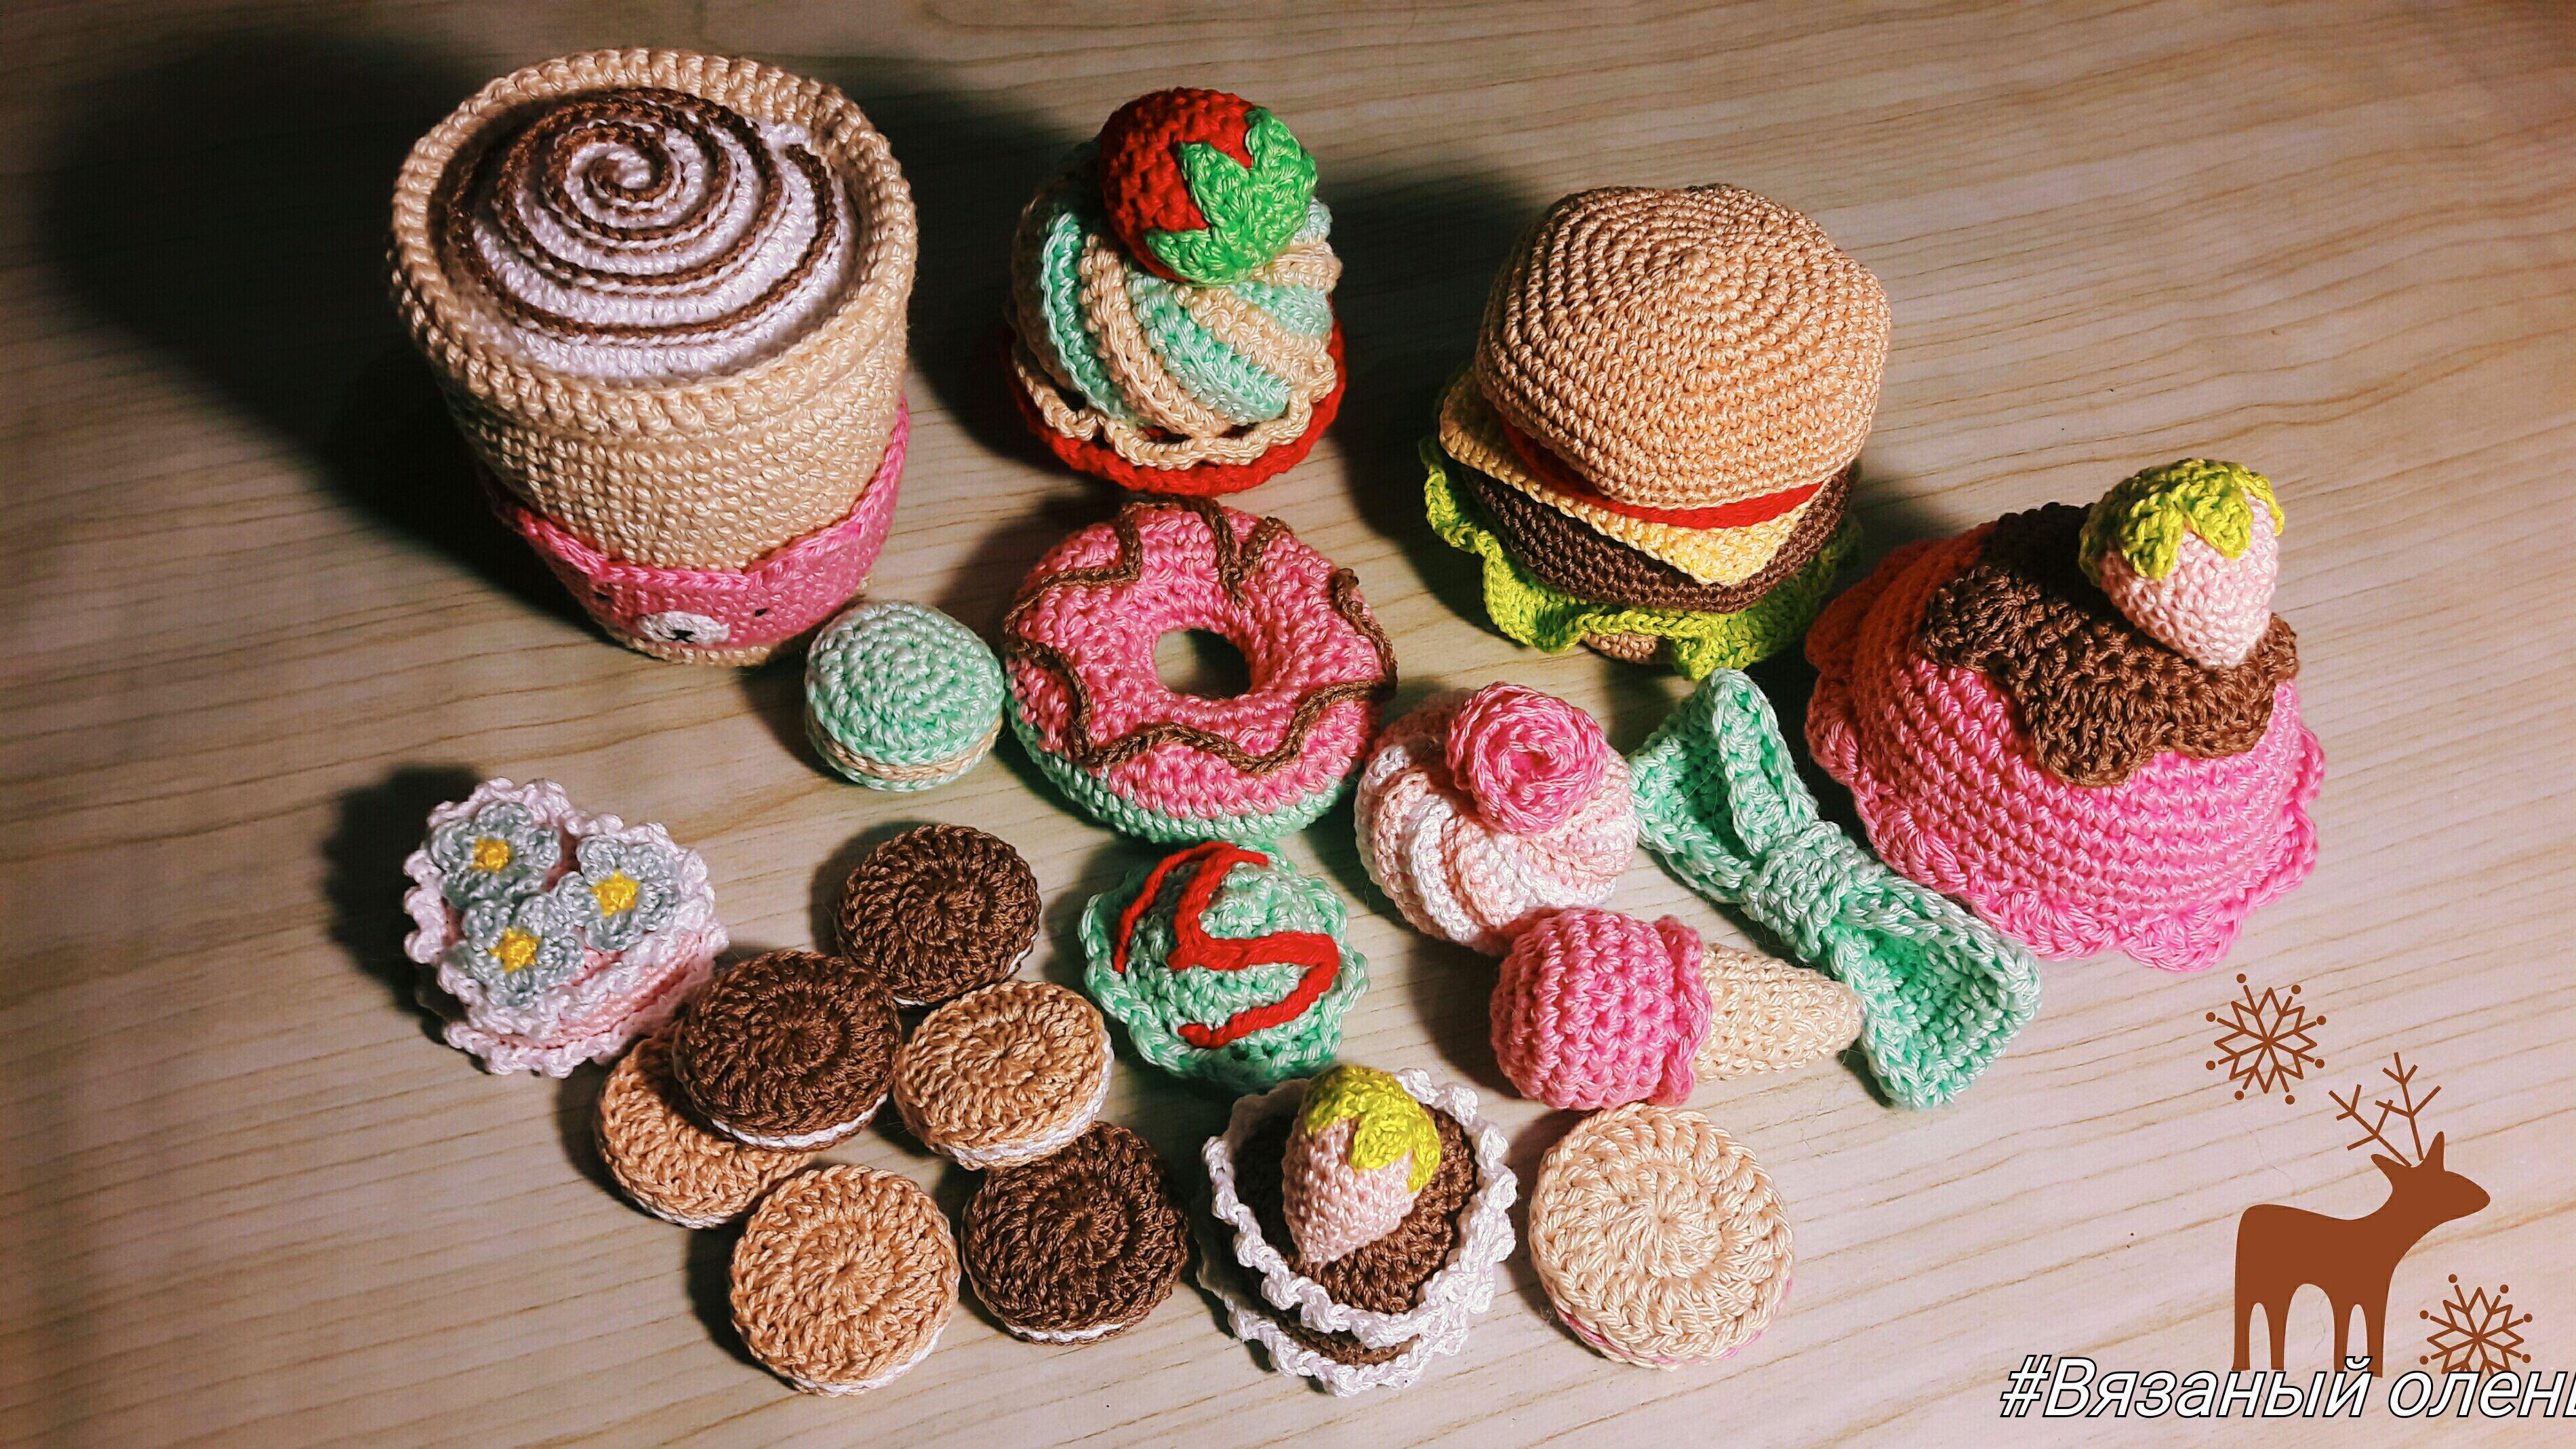 вязаныйолень петергоф детипитера игрушки ручнаяработа вязание мамыпитера вяжуназаказ амигуруми handmade вязанаяигрушка длядевочки подарки